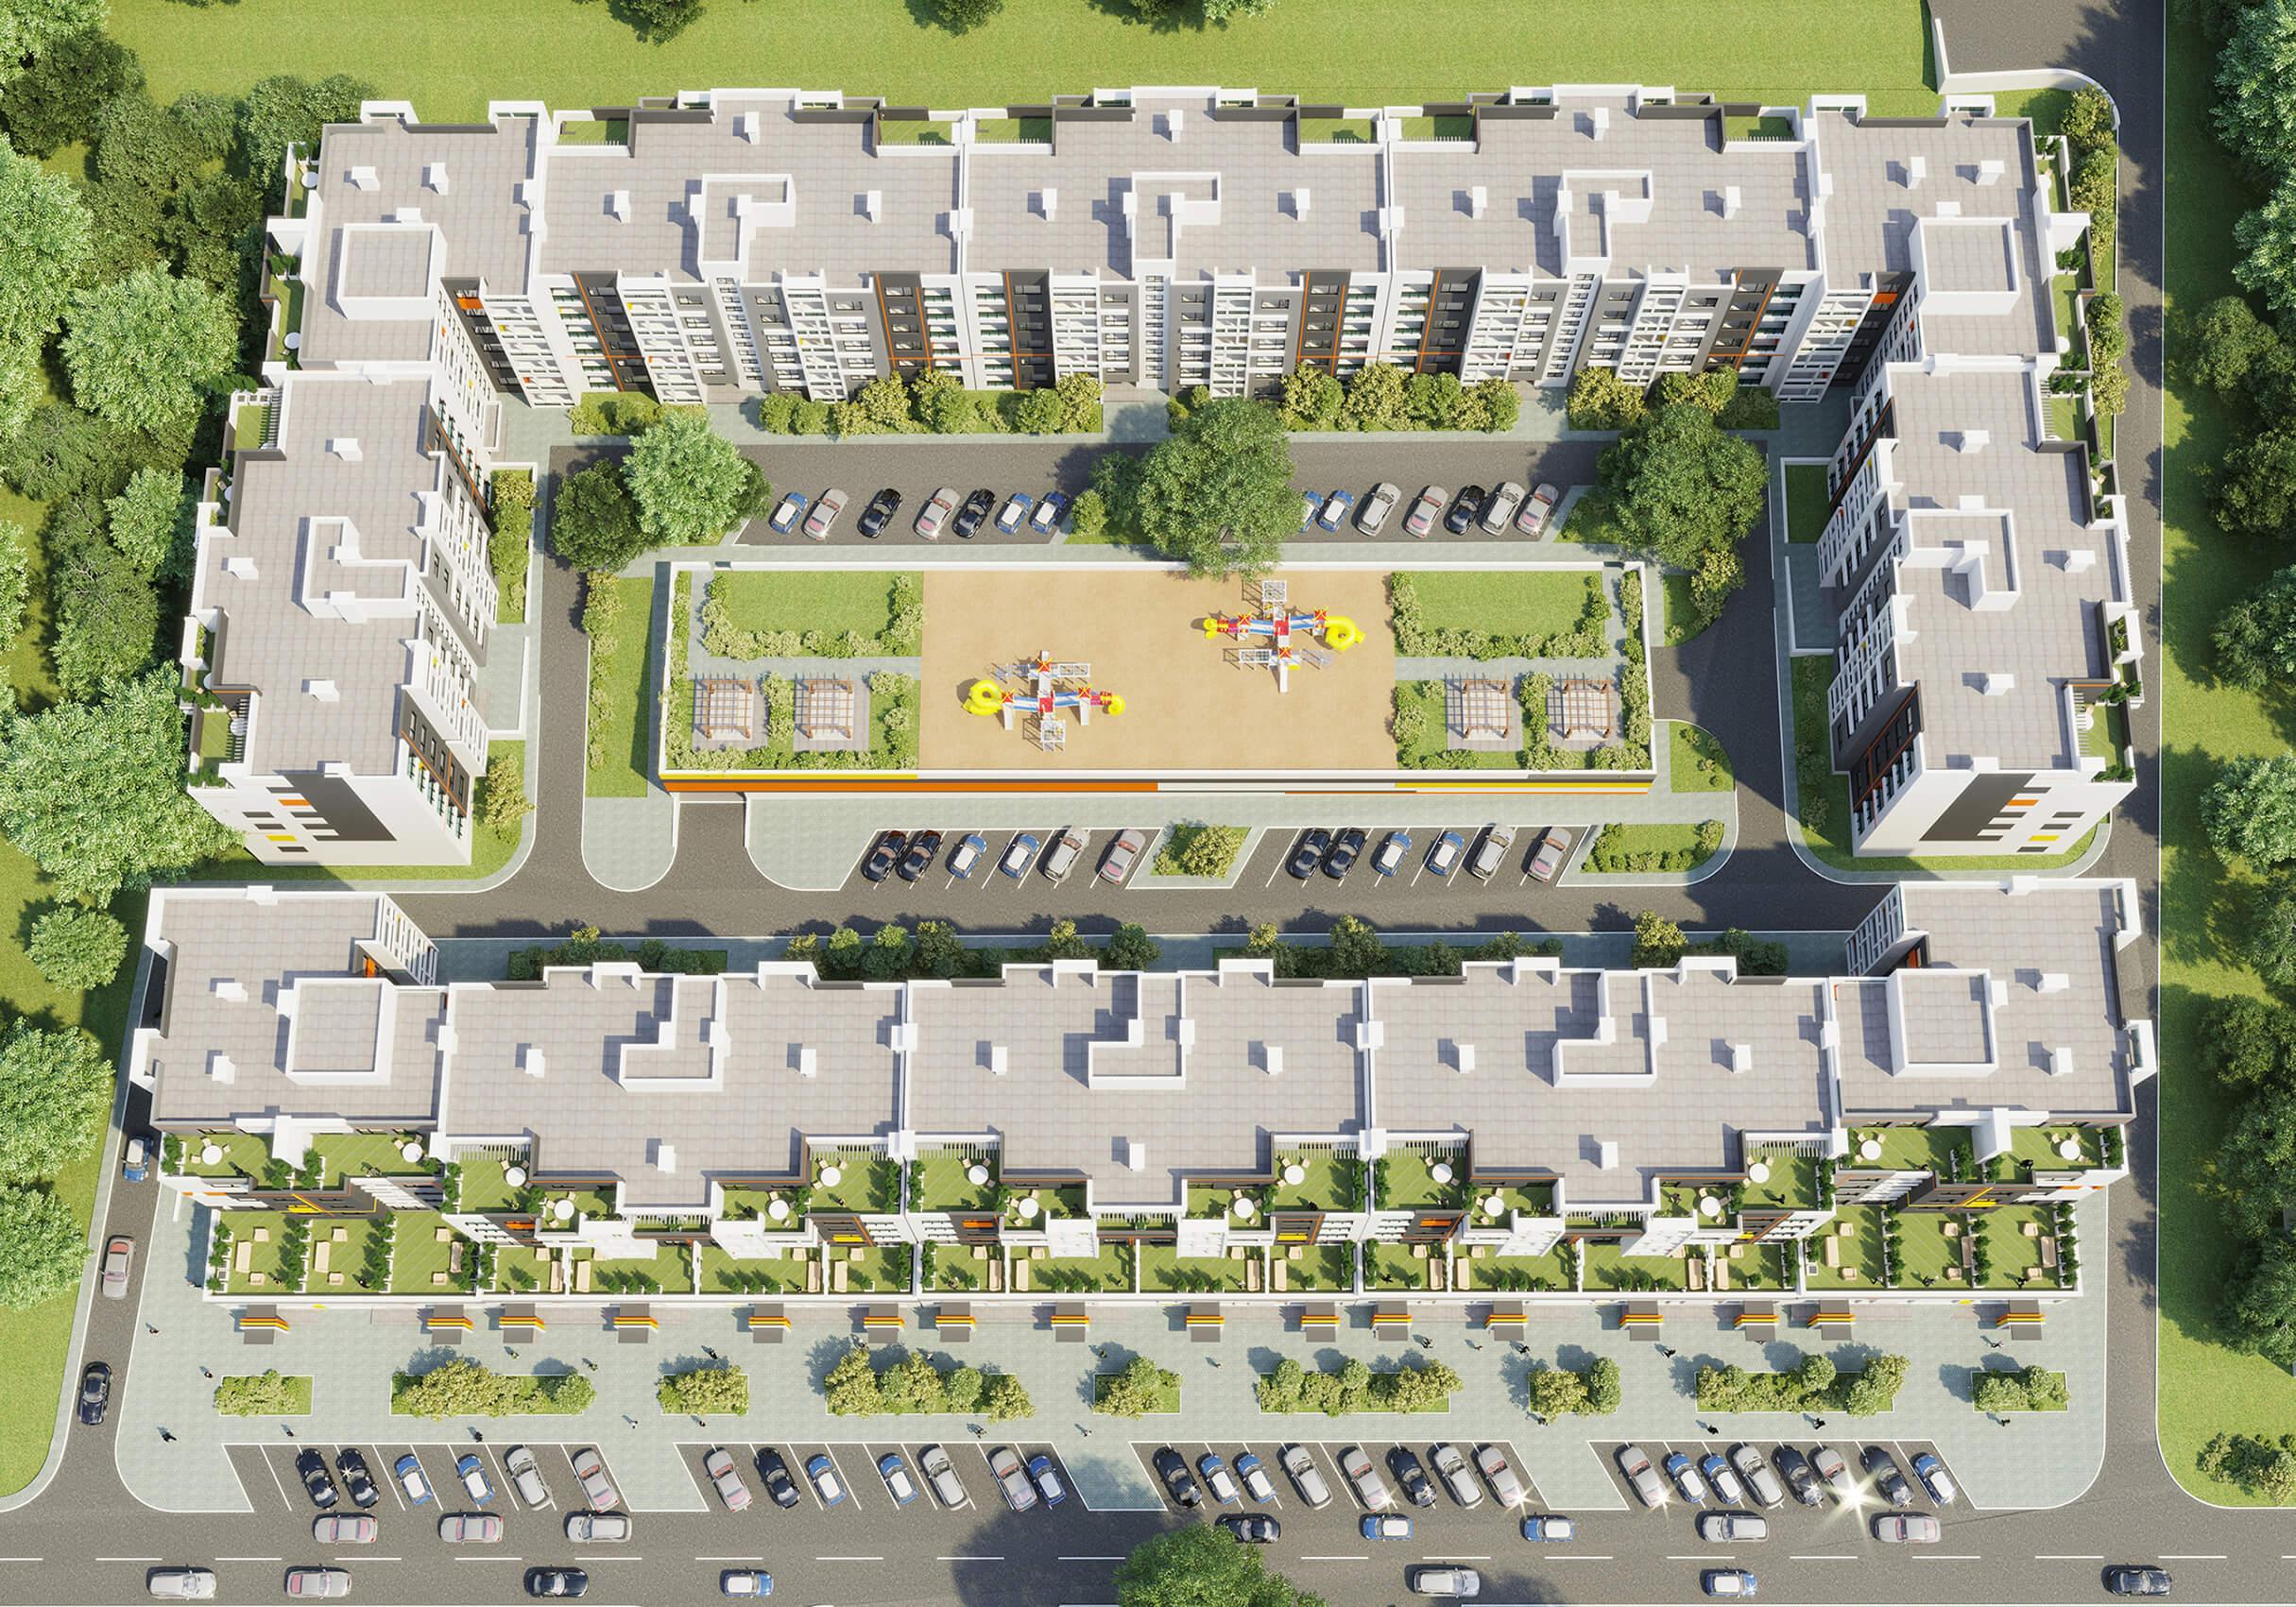 tranzactii 4 - Număr surprinzător de tranzacții imobiliare, la finalul lui 2020